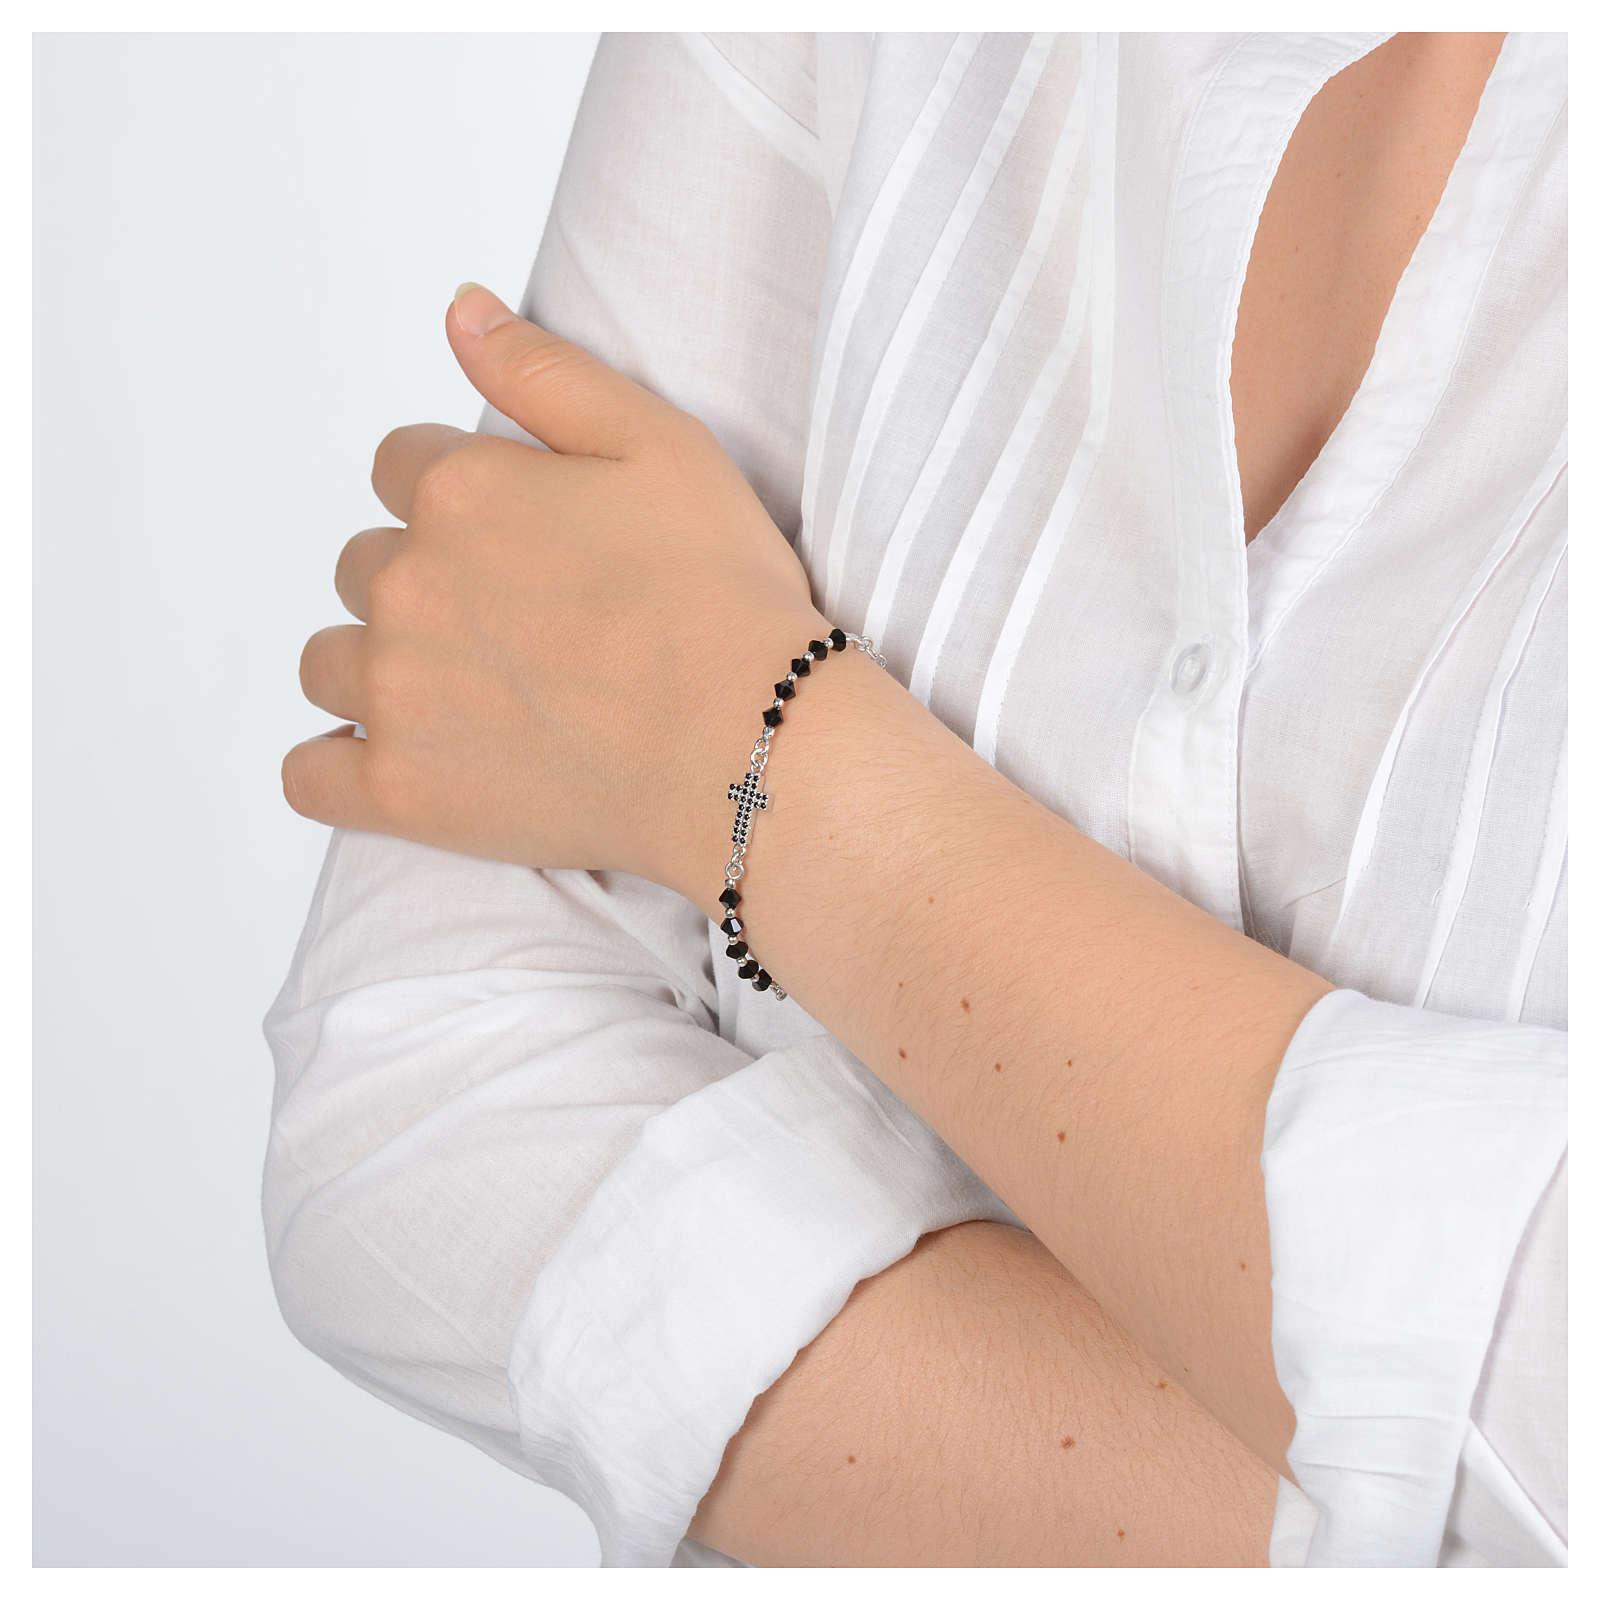 Bracciale a rosario in argento 925 argentato con zirconi di colore nero 4